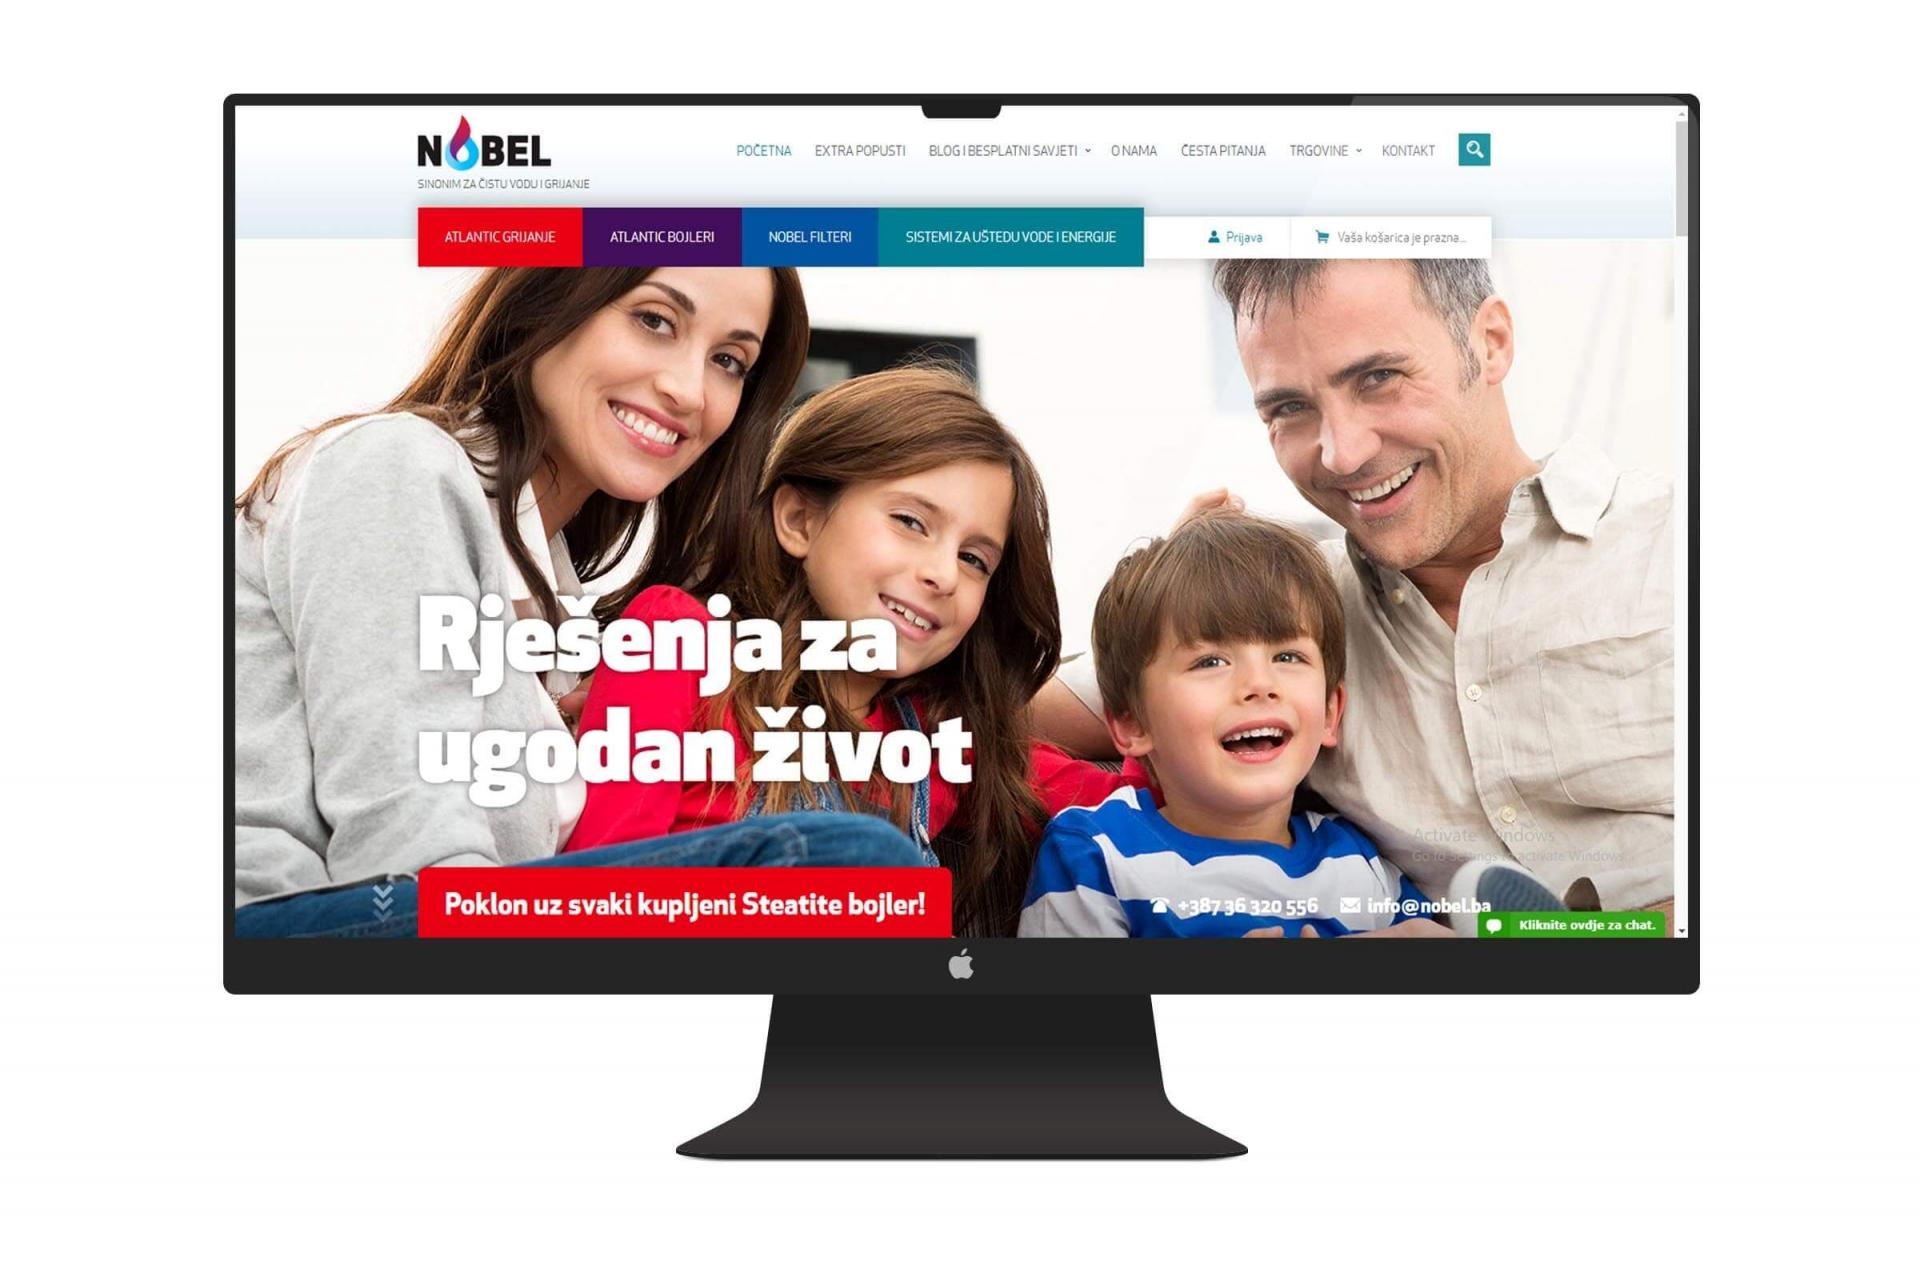 Nobel website